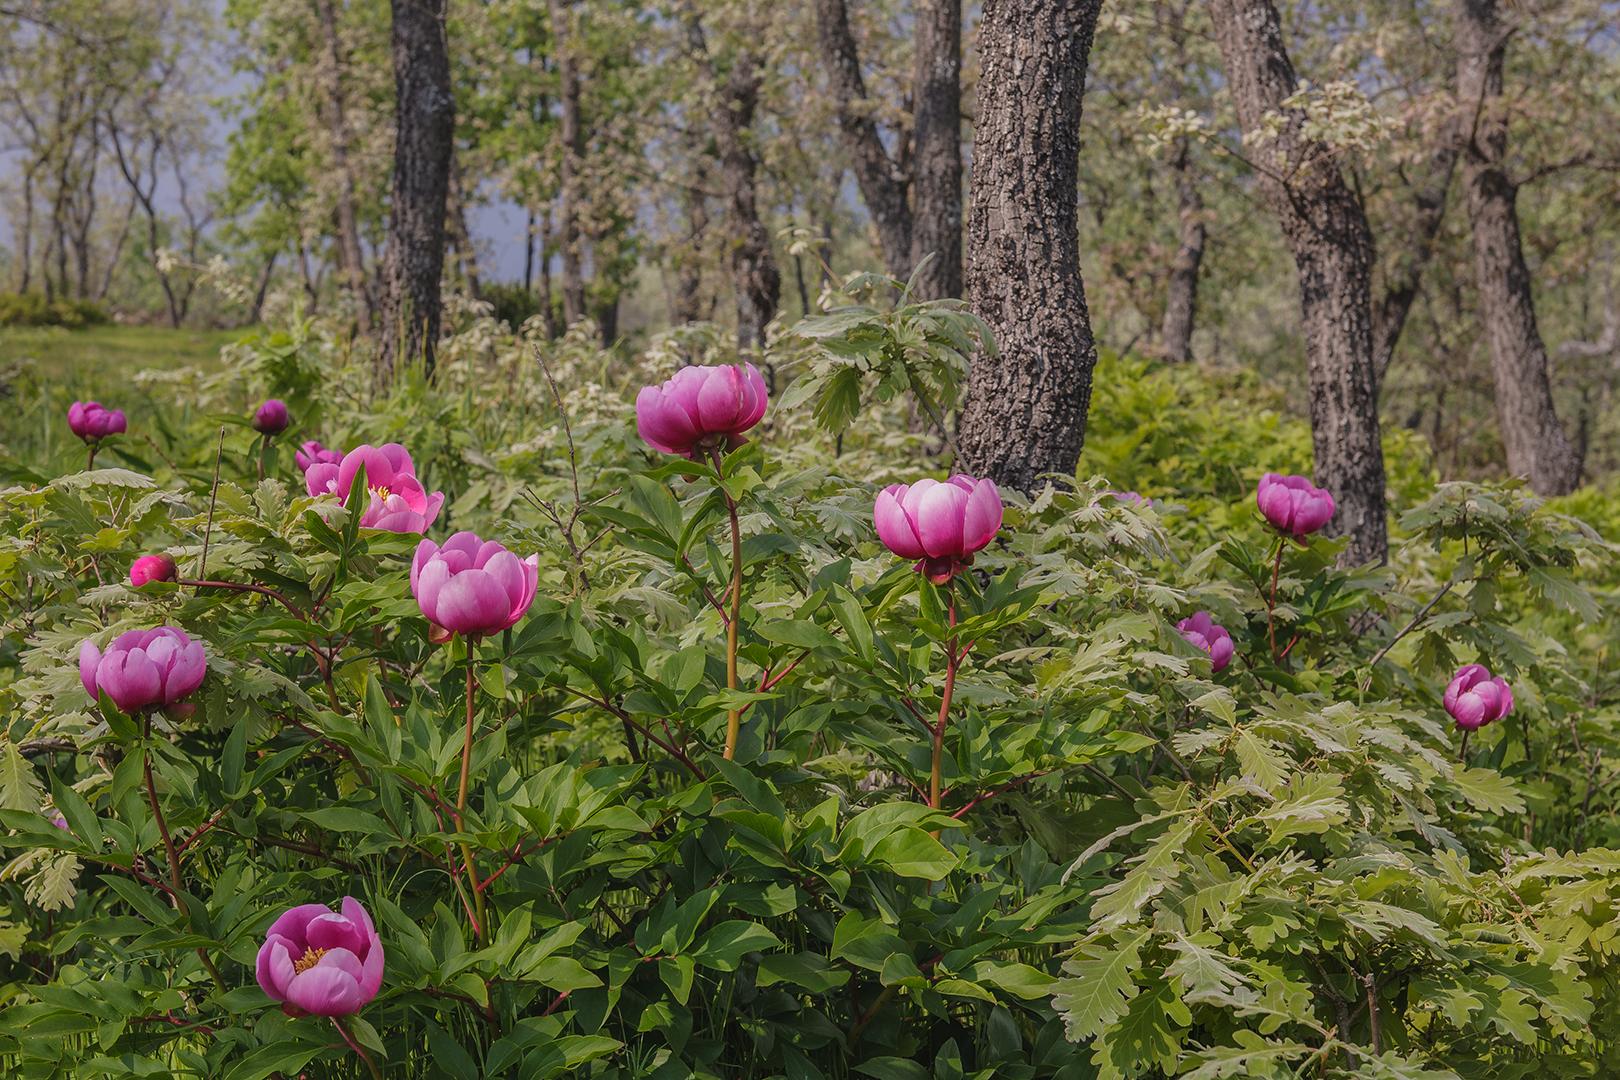 017 Paeonia officinalis 17-04-2007 B_V_1620